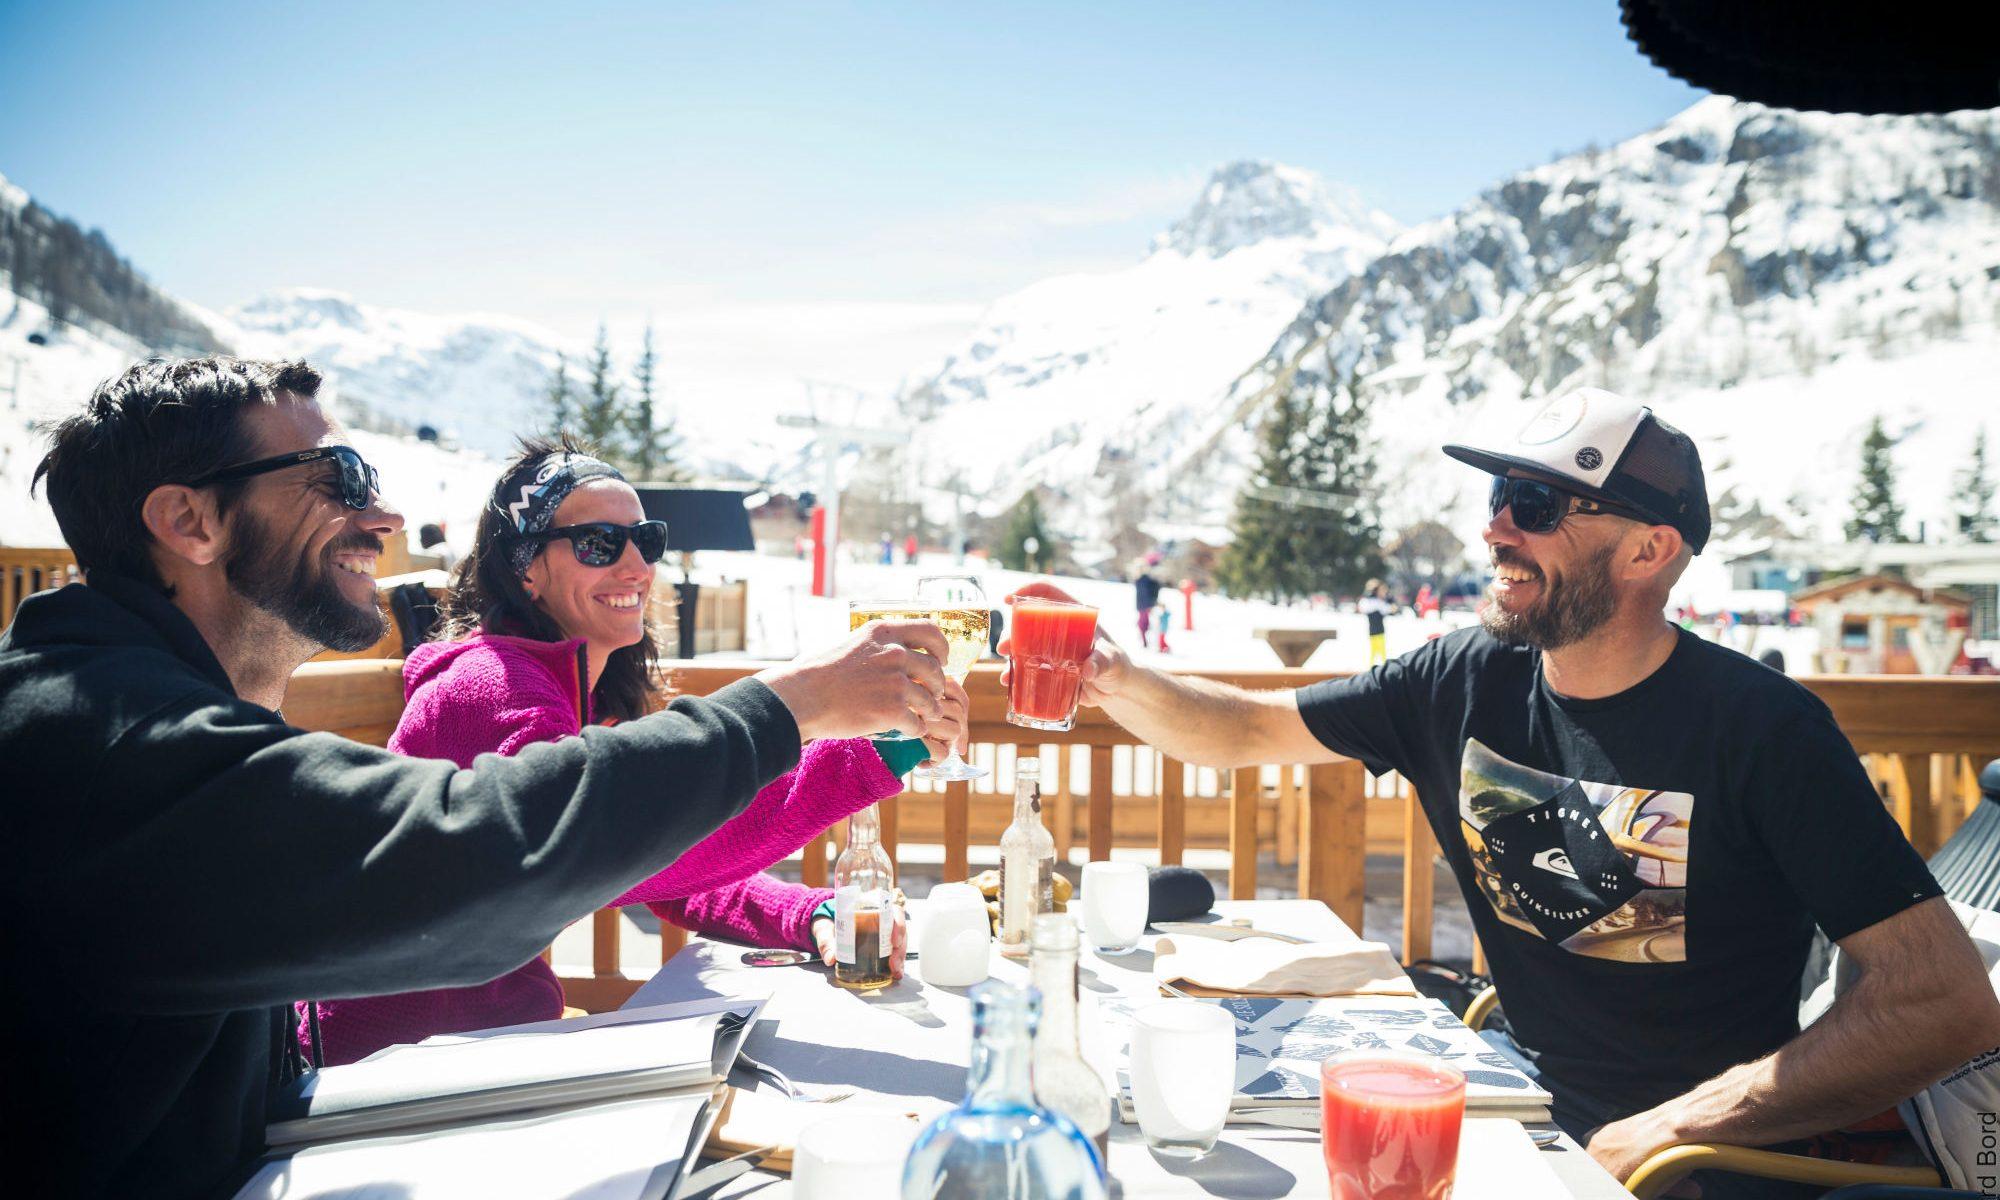 Trois amis trinquent à la terrasse ensoleillée d'un restaurant d'altitude à Val d'Isère.